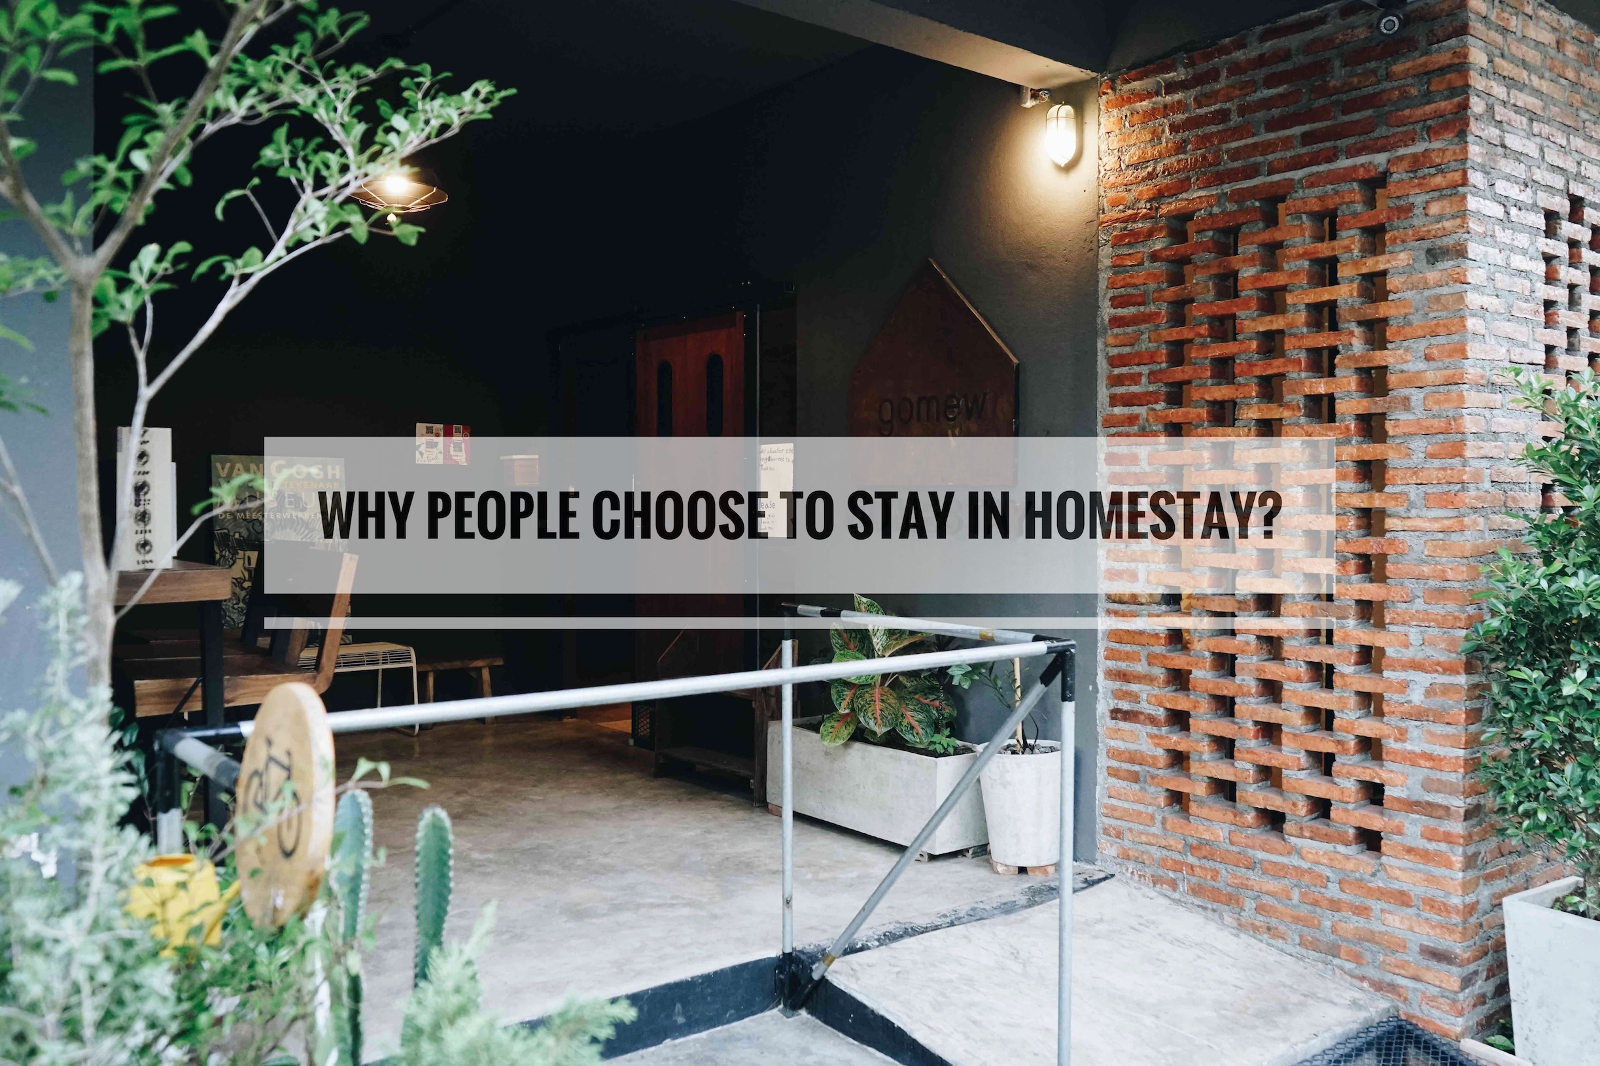 ทำไมนักเดินทางรุ่นใหม่ถึงนิยมพัก Homestay มากกว่าการพักโรงแรมแบบเดิม